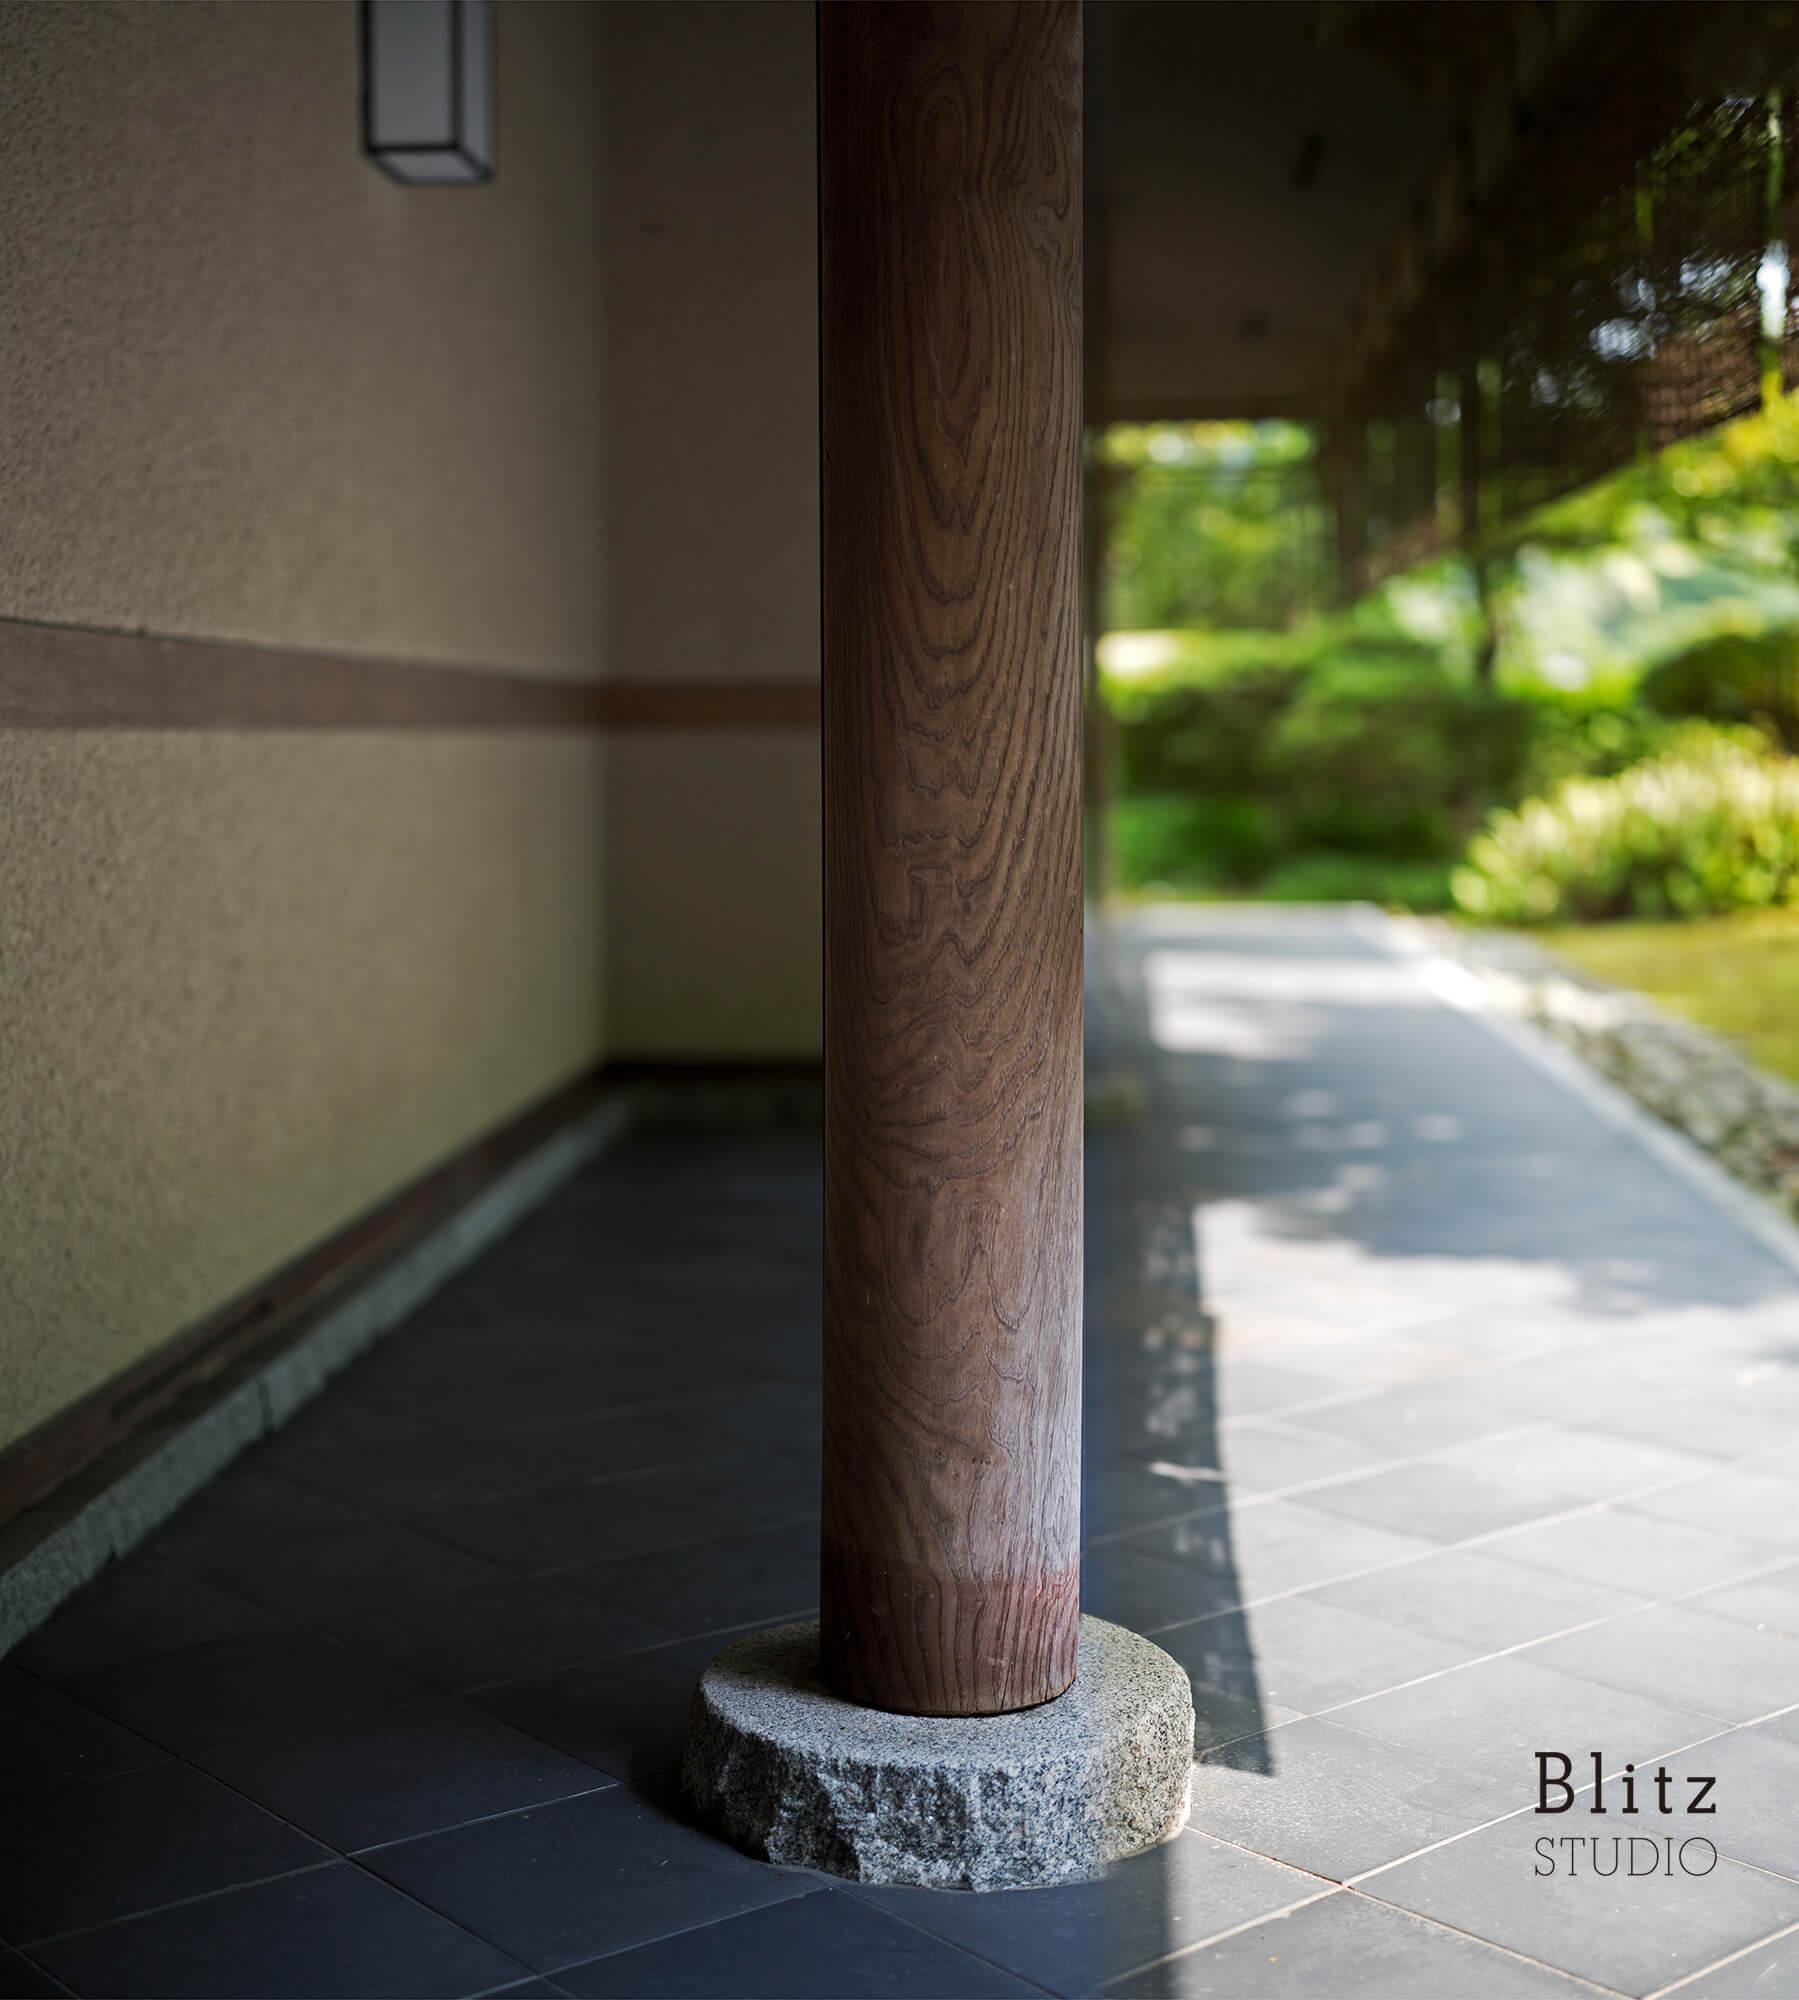 『宗像名残荘』建築写真・竣工写真・インテリア写真16